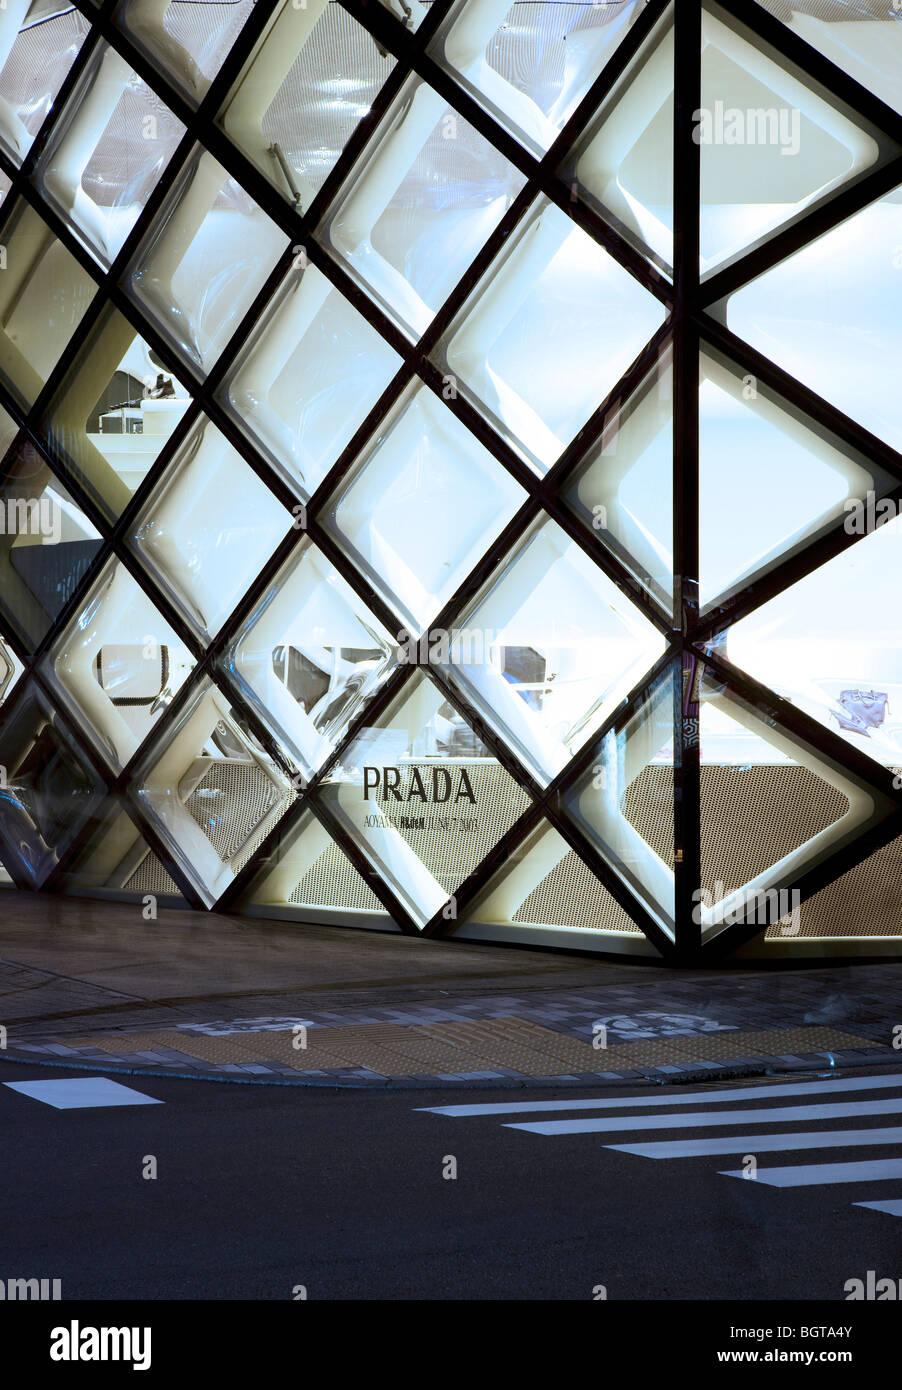 PRADA STORE, TOKYO, JAPAN, HERZOG & DE MEURON Stock Photo